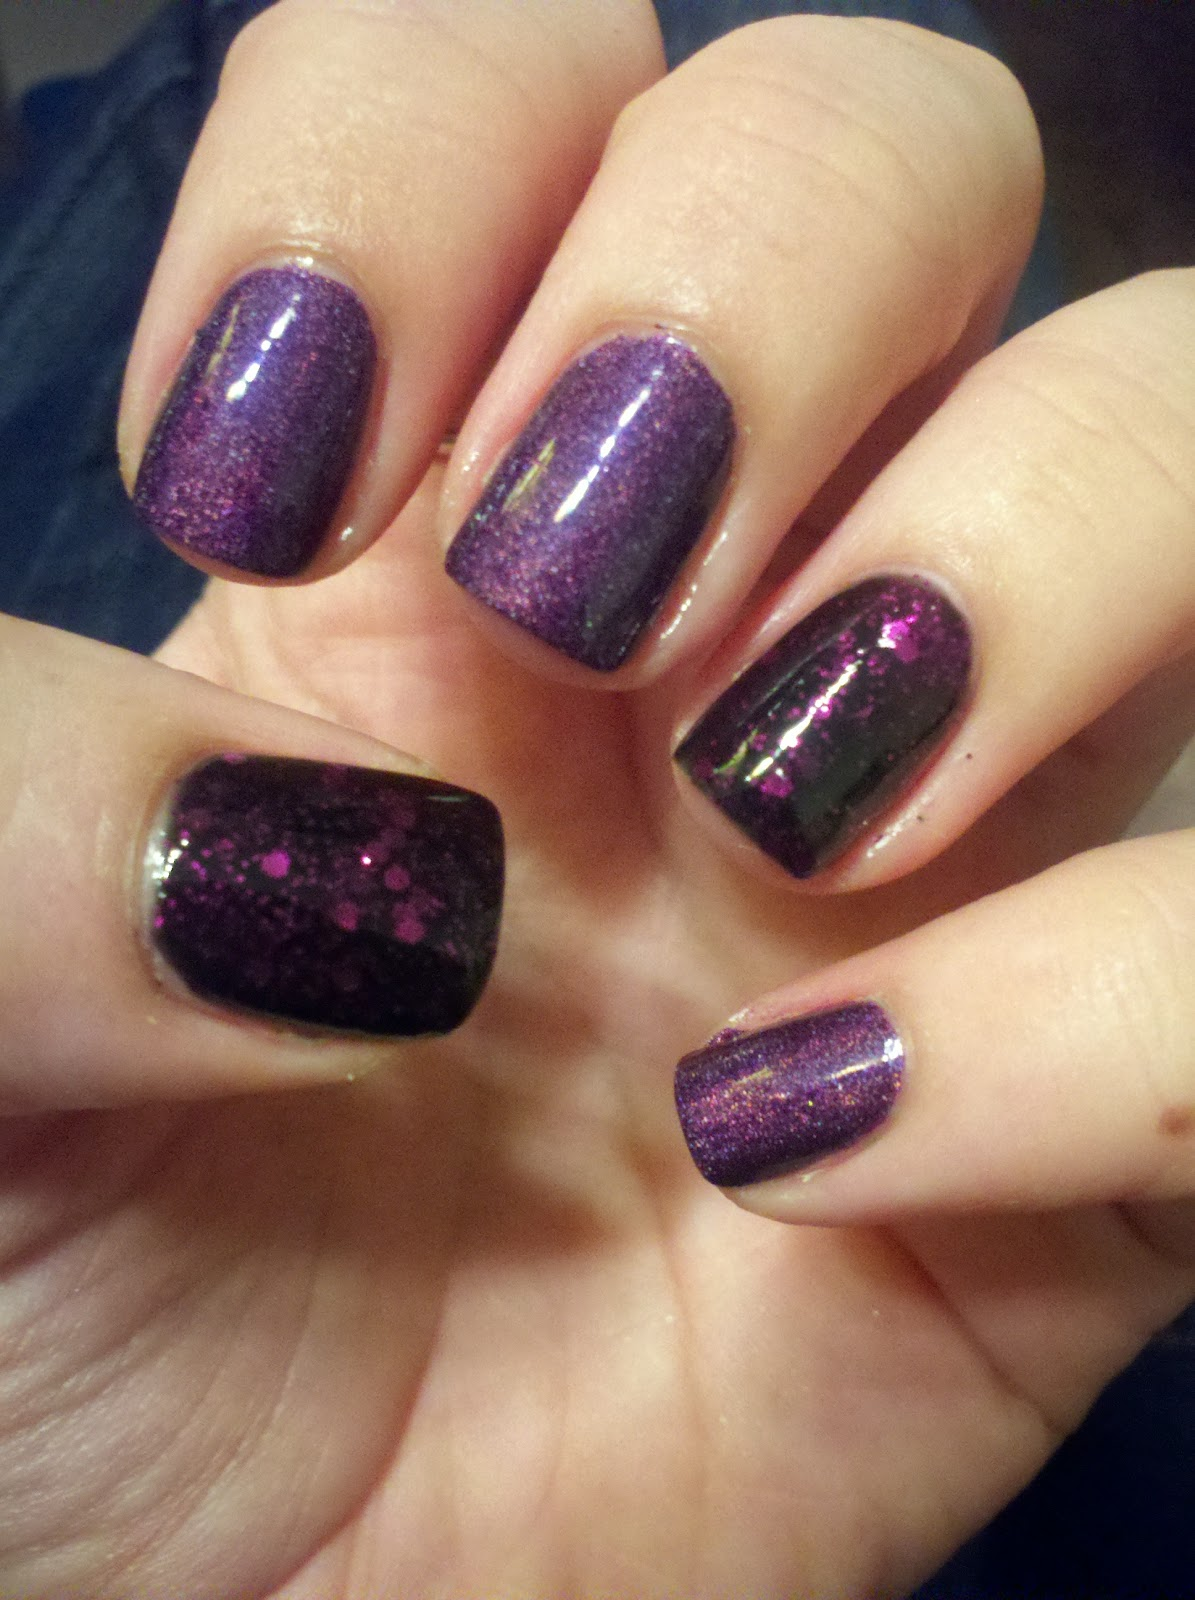 No Nekkid Nails: Nail Art